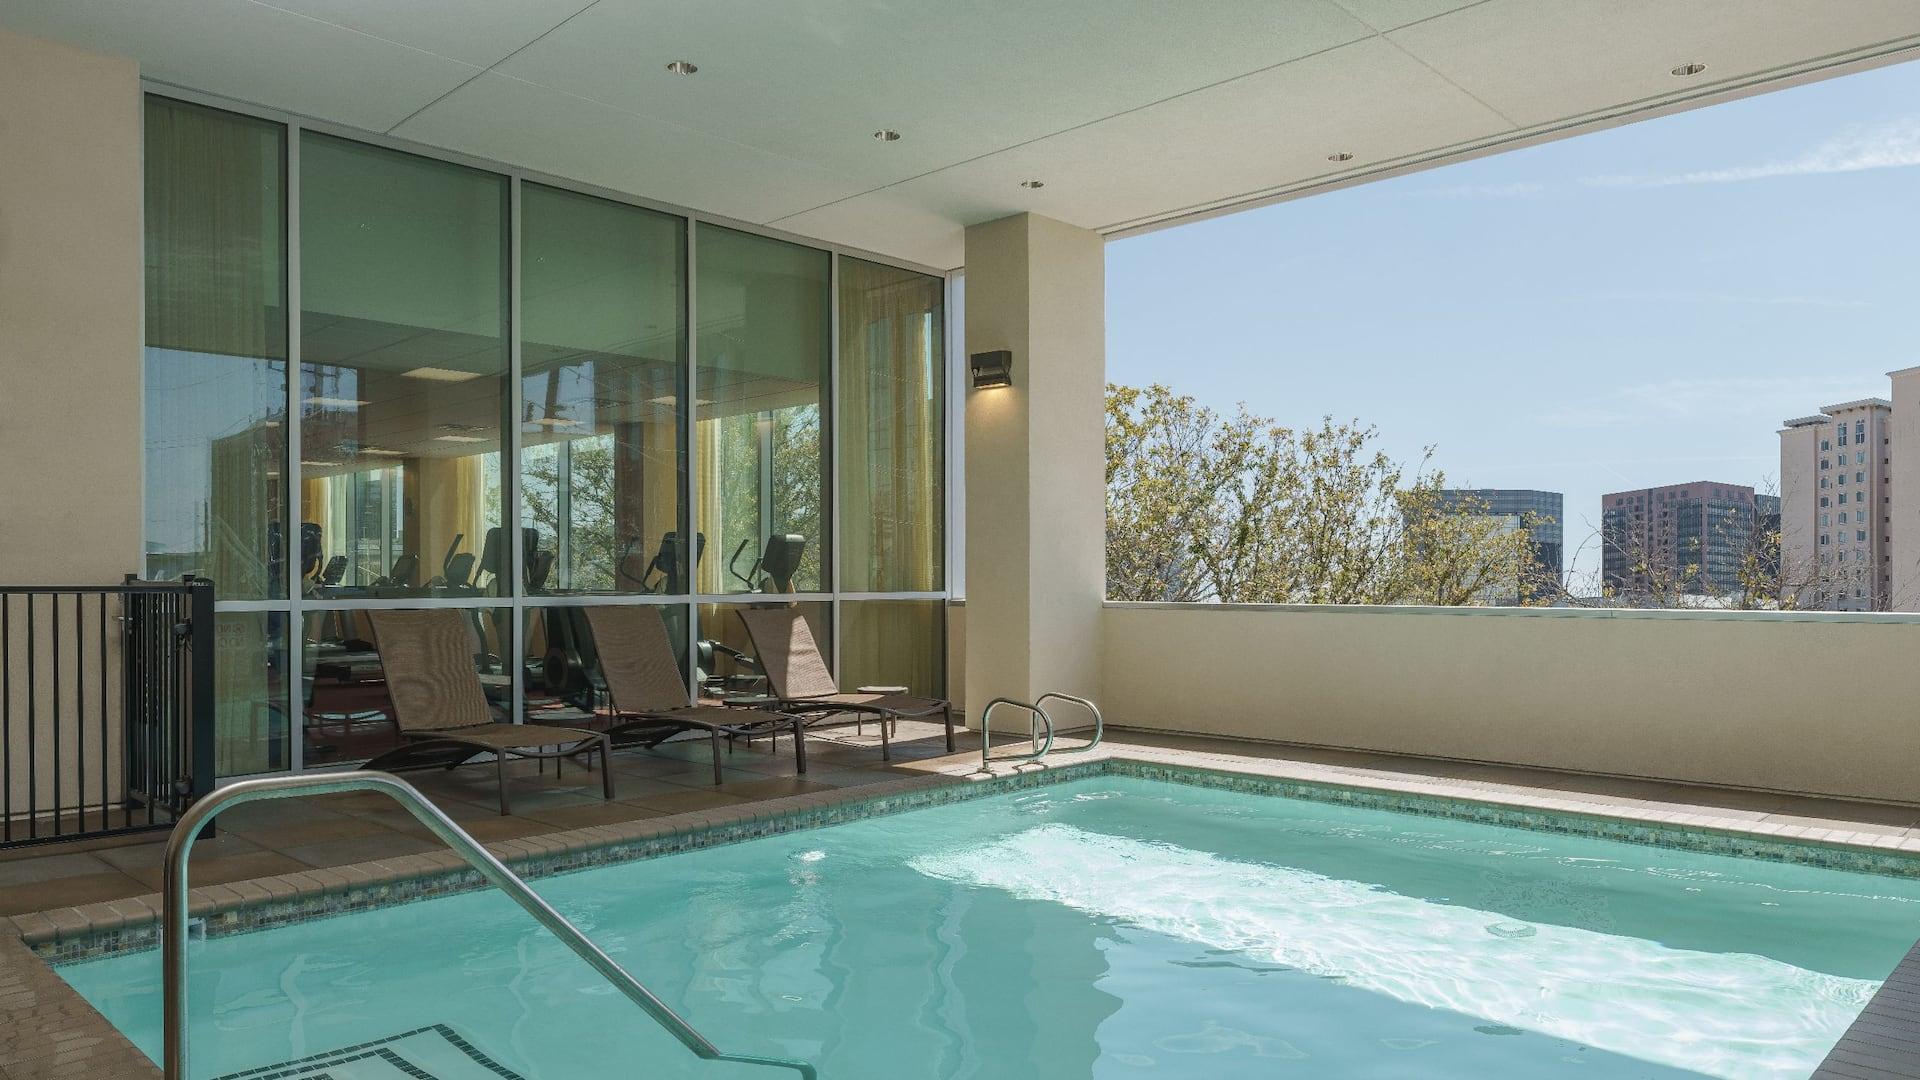 Hyatt Place Houston Galleria Pool